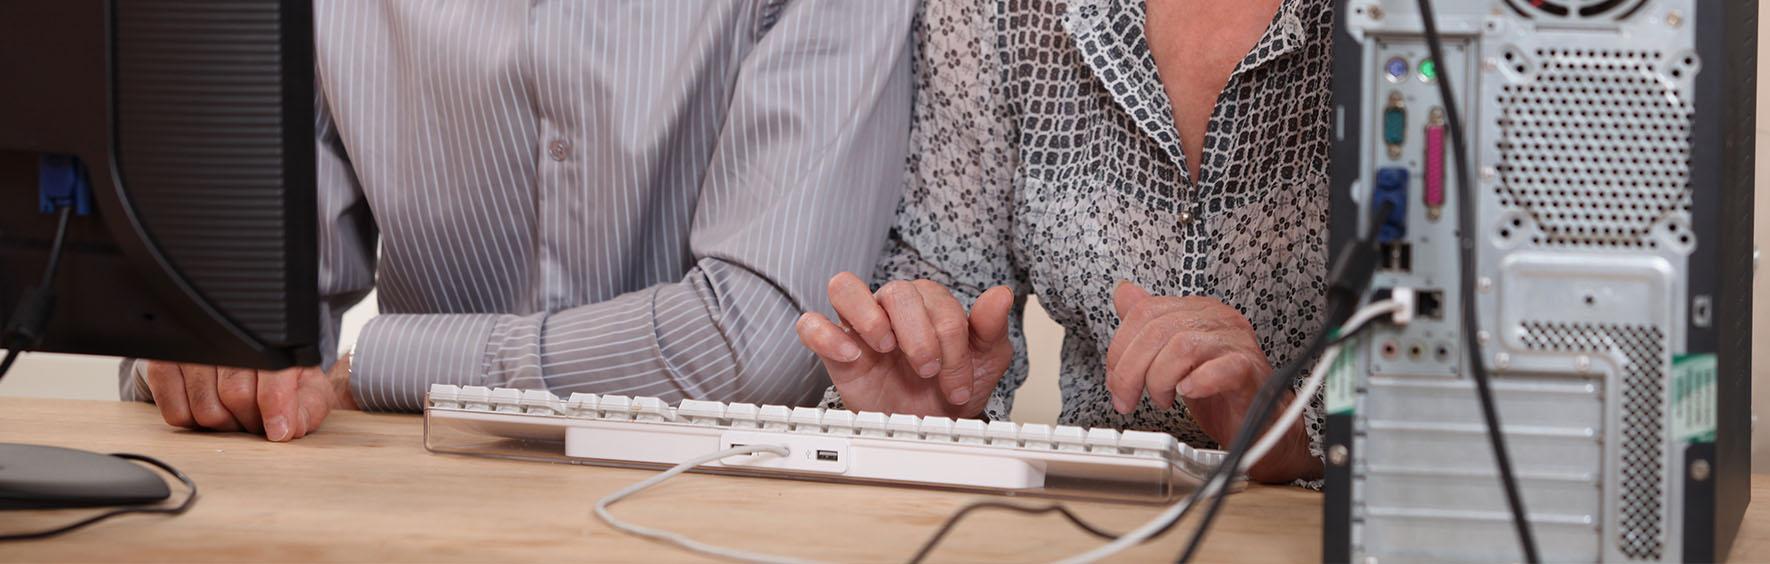 Commencez votre initiation en informatique à Villé dans le Bas-Rhin